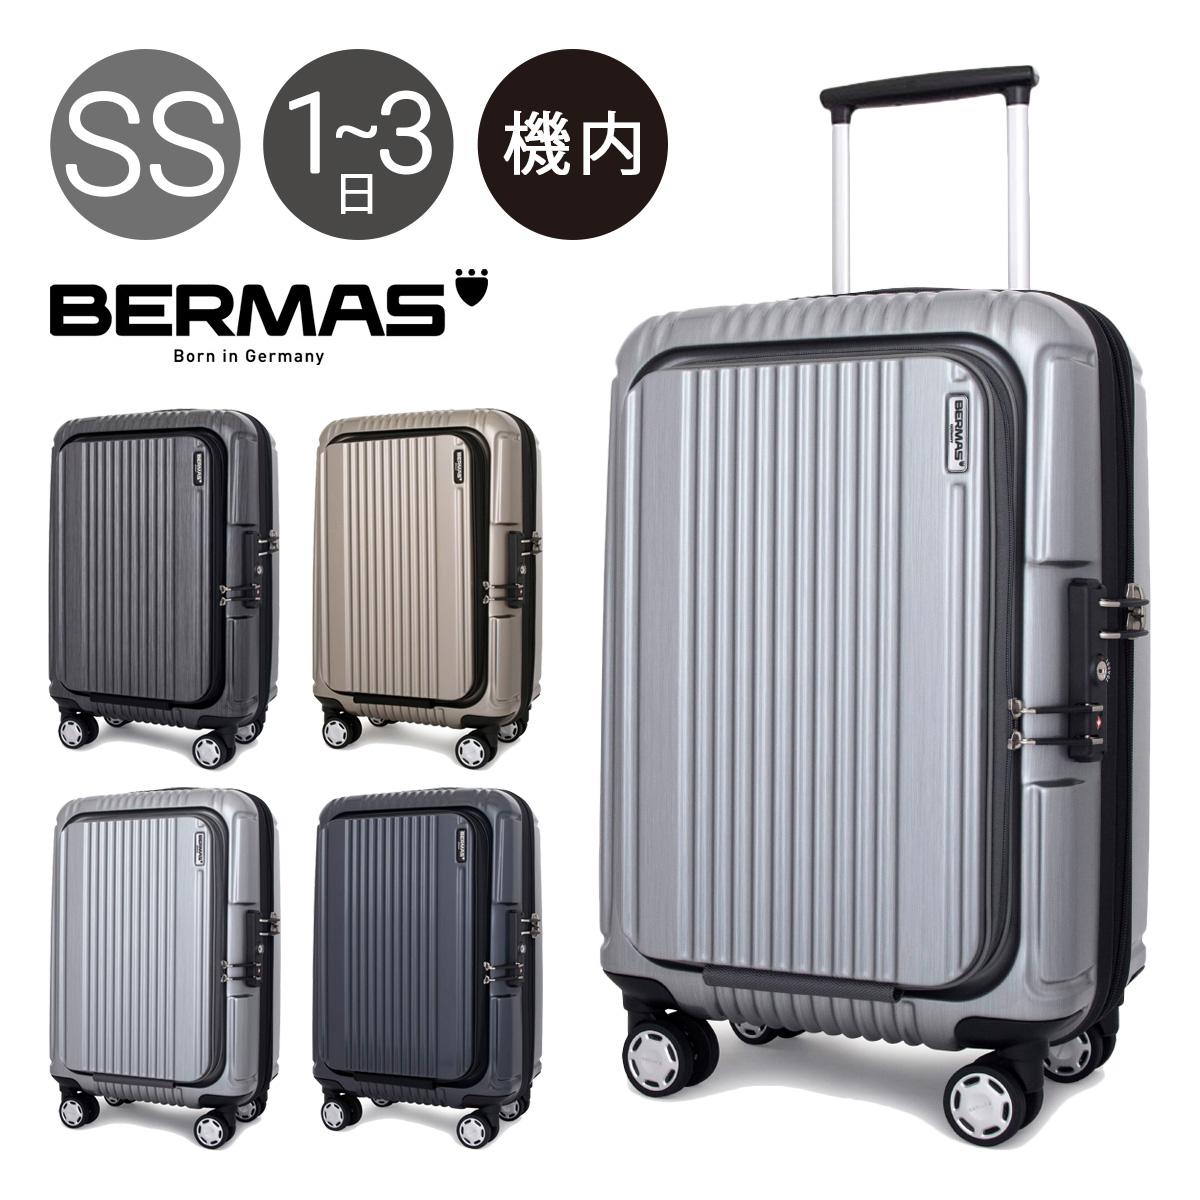 バーマス スーツケース プレステージ2|機内持ち込み 34L 49cm 2.9kg 60261|フロントオープン 1年保証 ハード ファスナー TSAロック搭載 HINOMOTO キャリーケース ビジネスキャリー [PO10][bef]